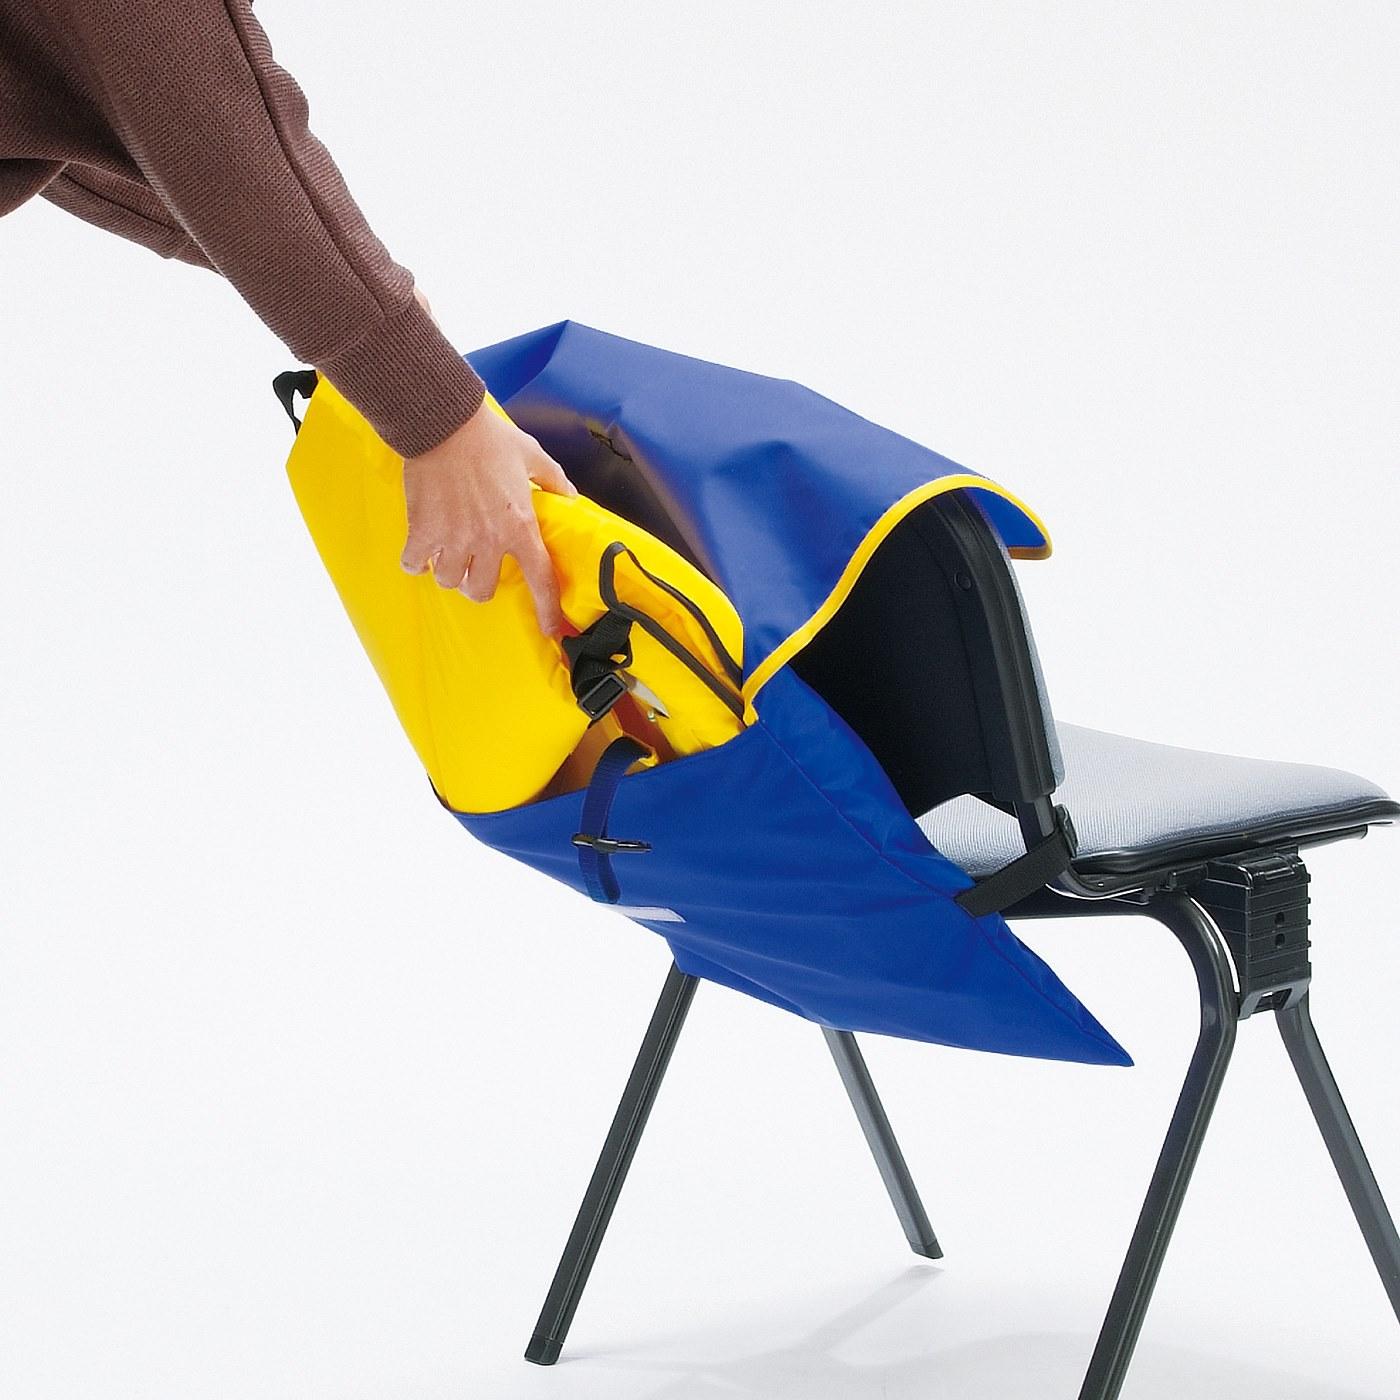 Kraso[クラソ]  防護頭巾付きで頭もガード 水害対策に備えたい ライフジャケット子ども用M〈120~150cm〉 収納袋付きだから、自宅や車の中に備えておきやすい。